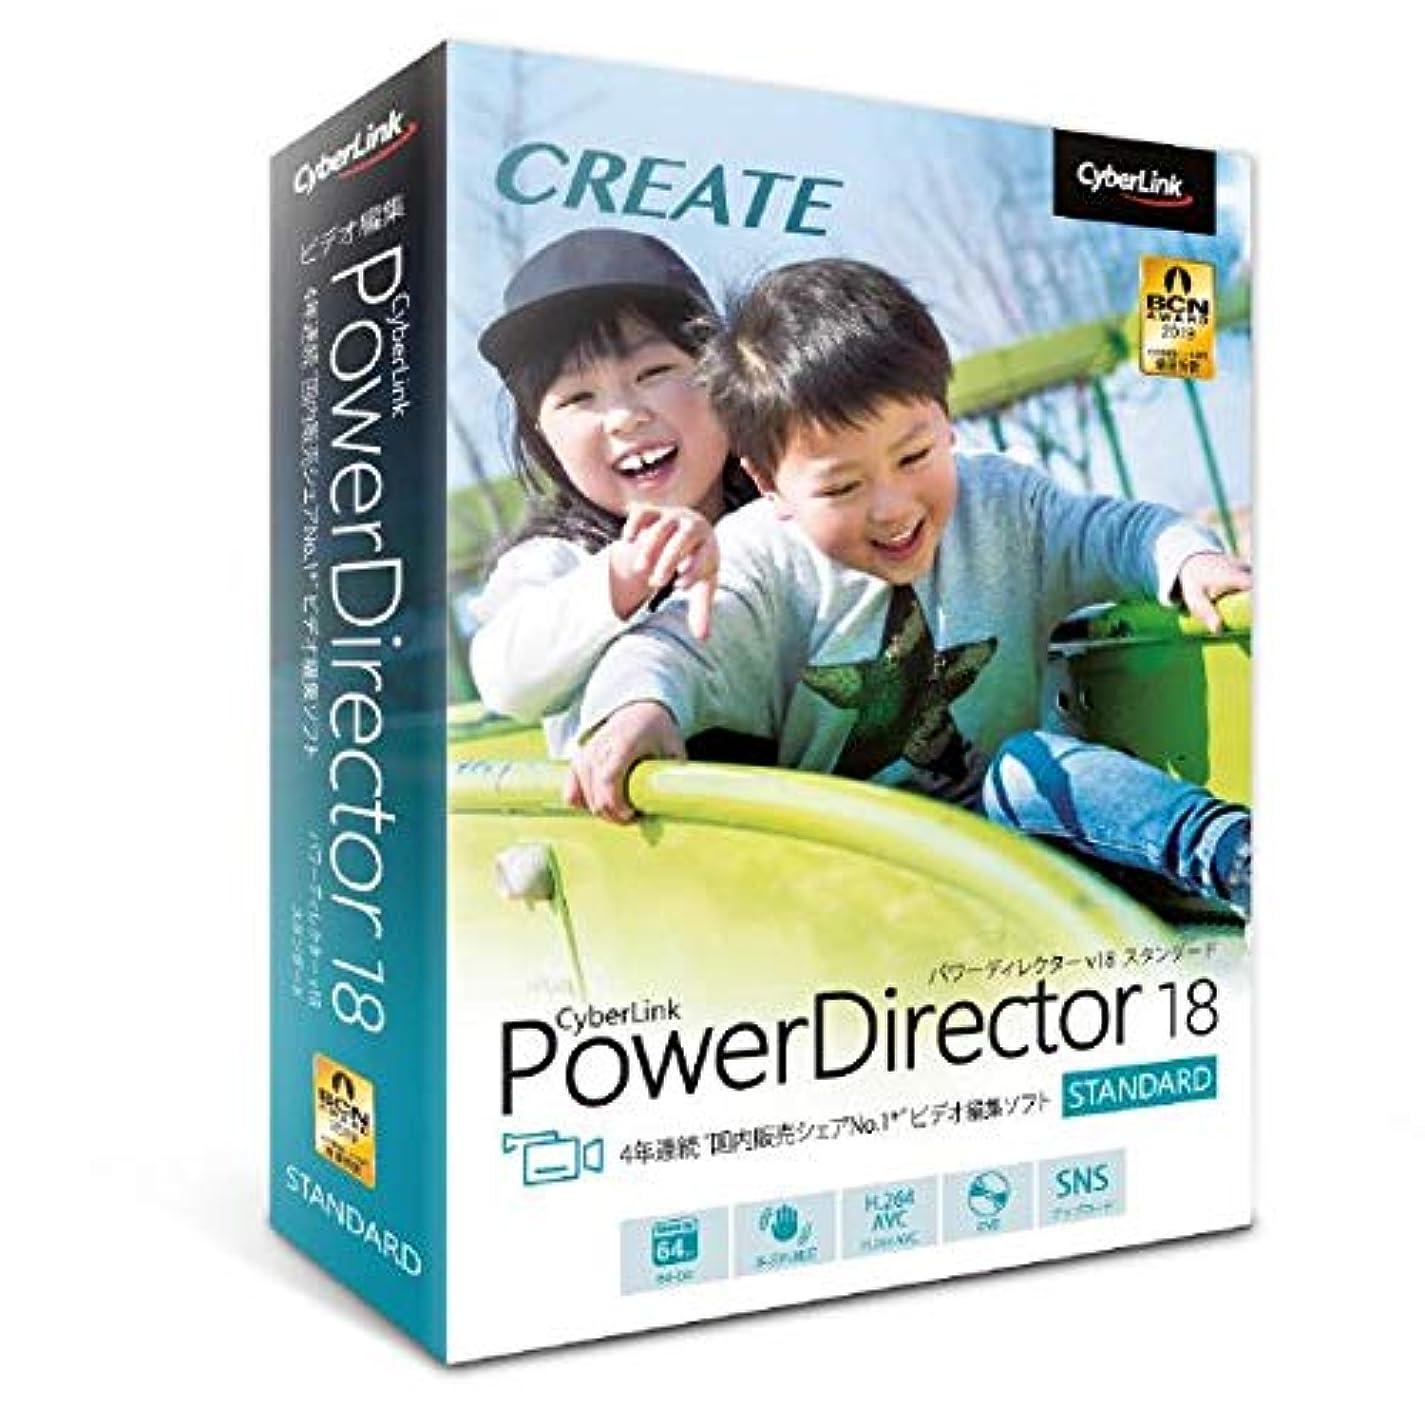 マイナス反対にショッピングセンター【最新版】PowerDirector 18 Standard 通常版